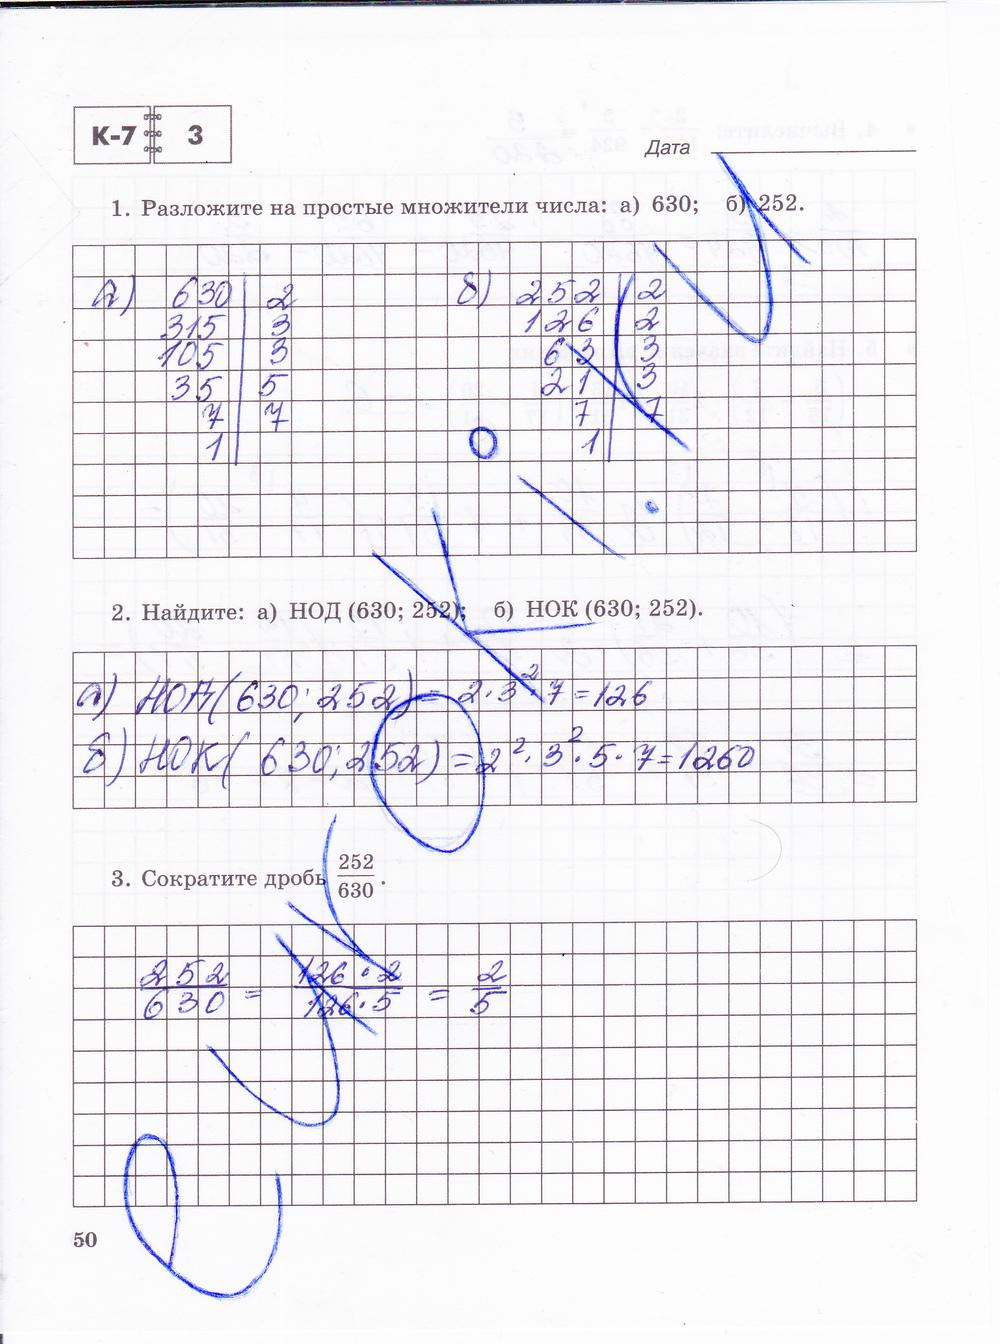 ГДЗ по математике 6 класс тетрадь для контрольных работ Зубарева, Лепешонкова Мнемозина Часть 1, 2 ответы и решения онлайн. Задание: стр. 50